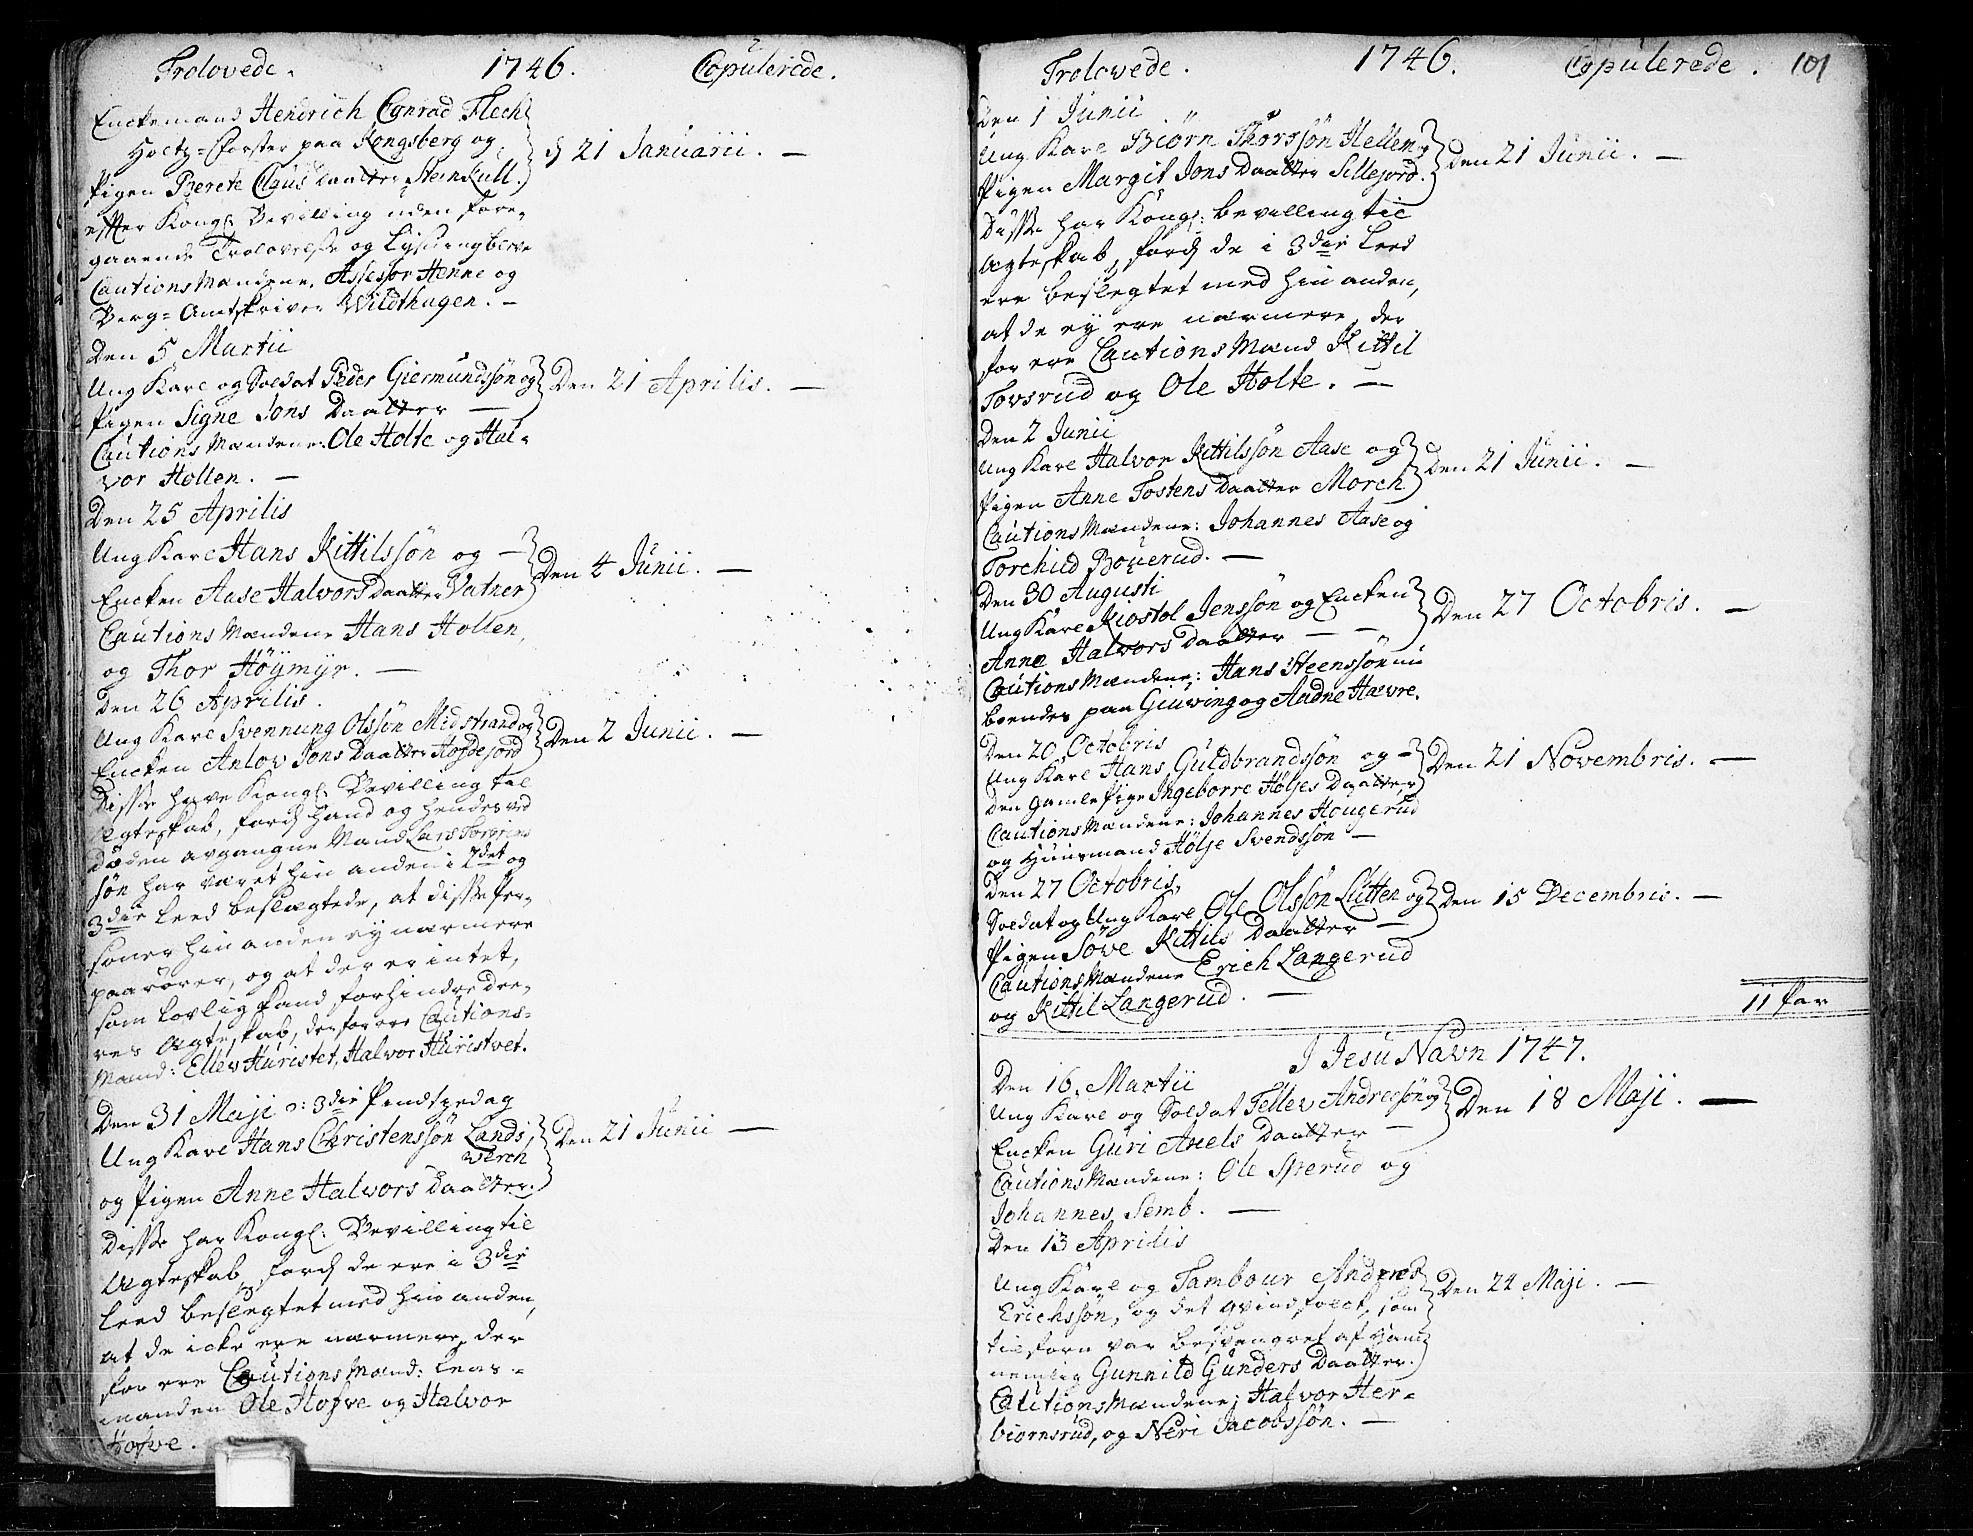 SAKO, Heddal kirkebøker, F/Fa/L0003: Ministerialbok nr. I 3, 1723-1783, s. 101